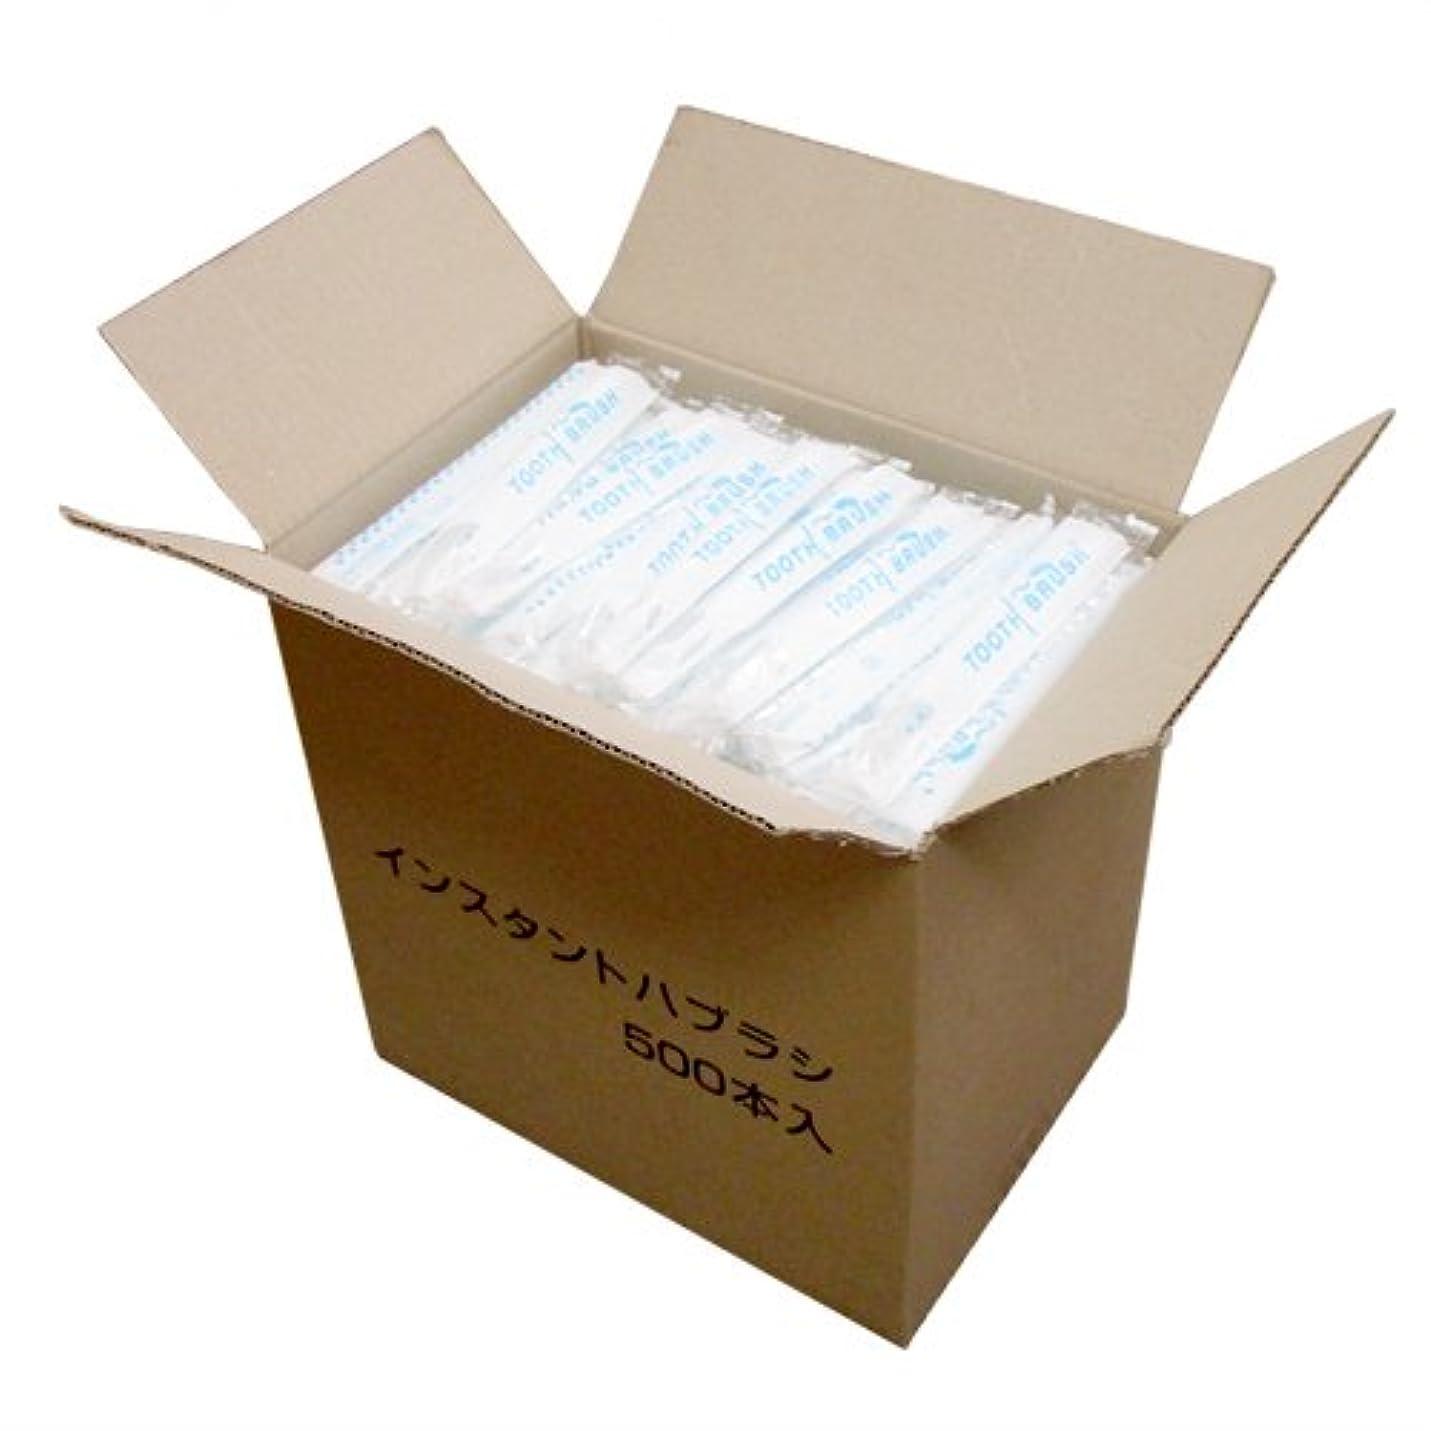 ポンペイマラドロイトドレイン業務用 日本製 使い捨て粉付き歯ブラシ 個包装タイプ 500本入×8箱 (4000本入)│ホテルアメニティ